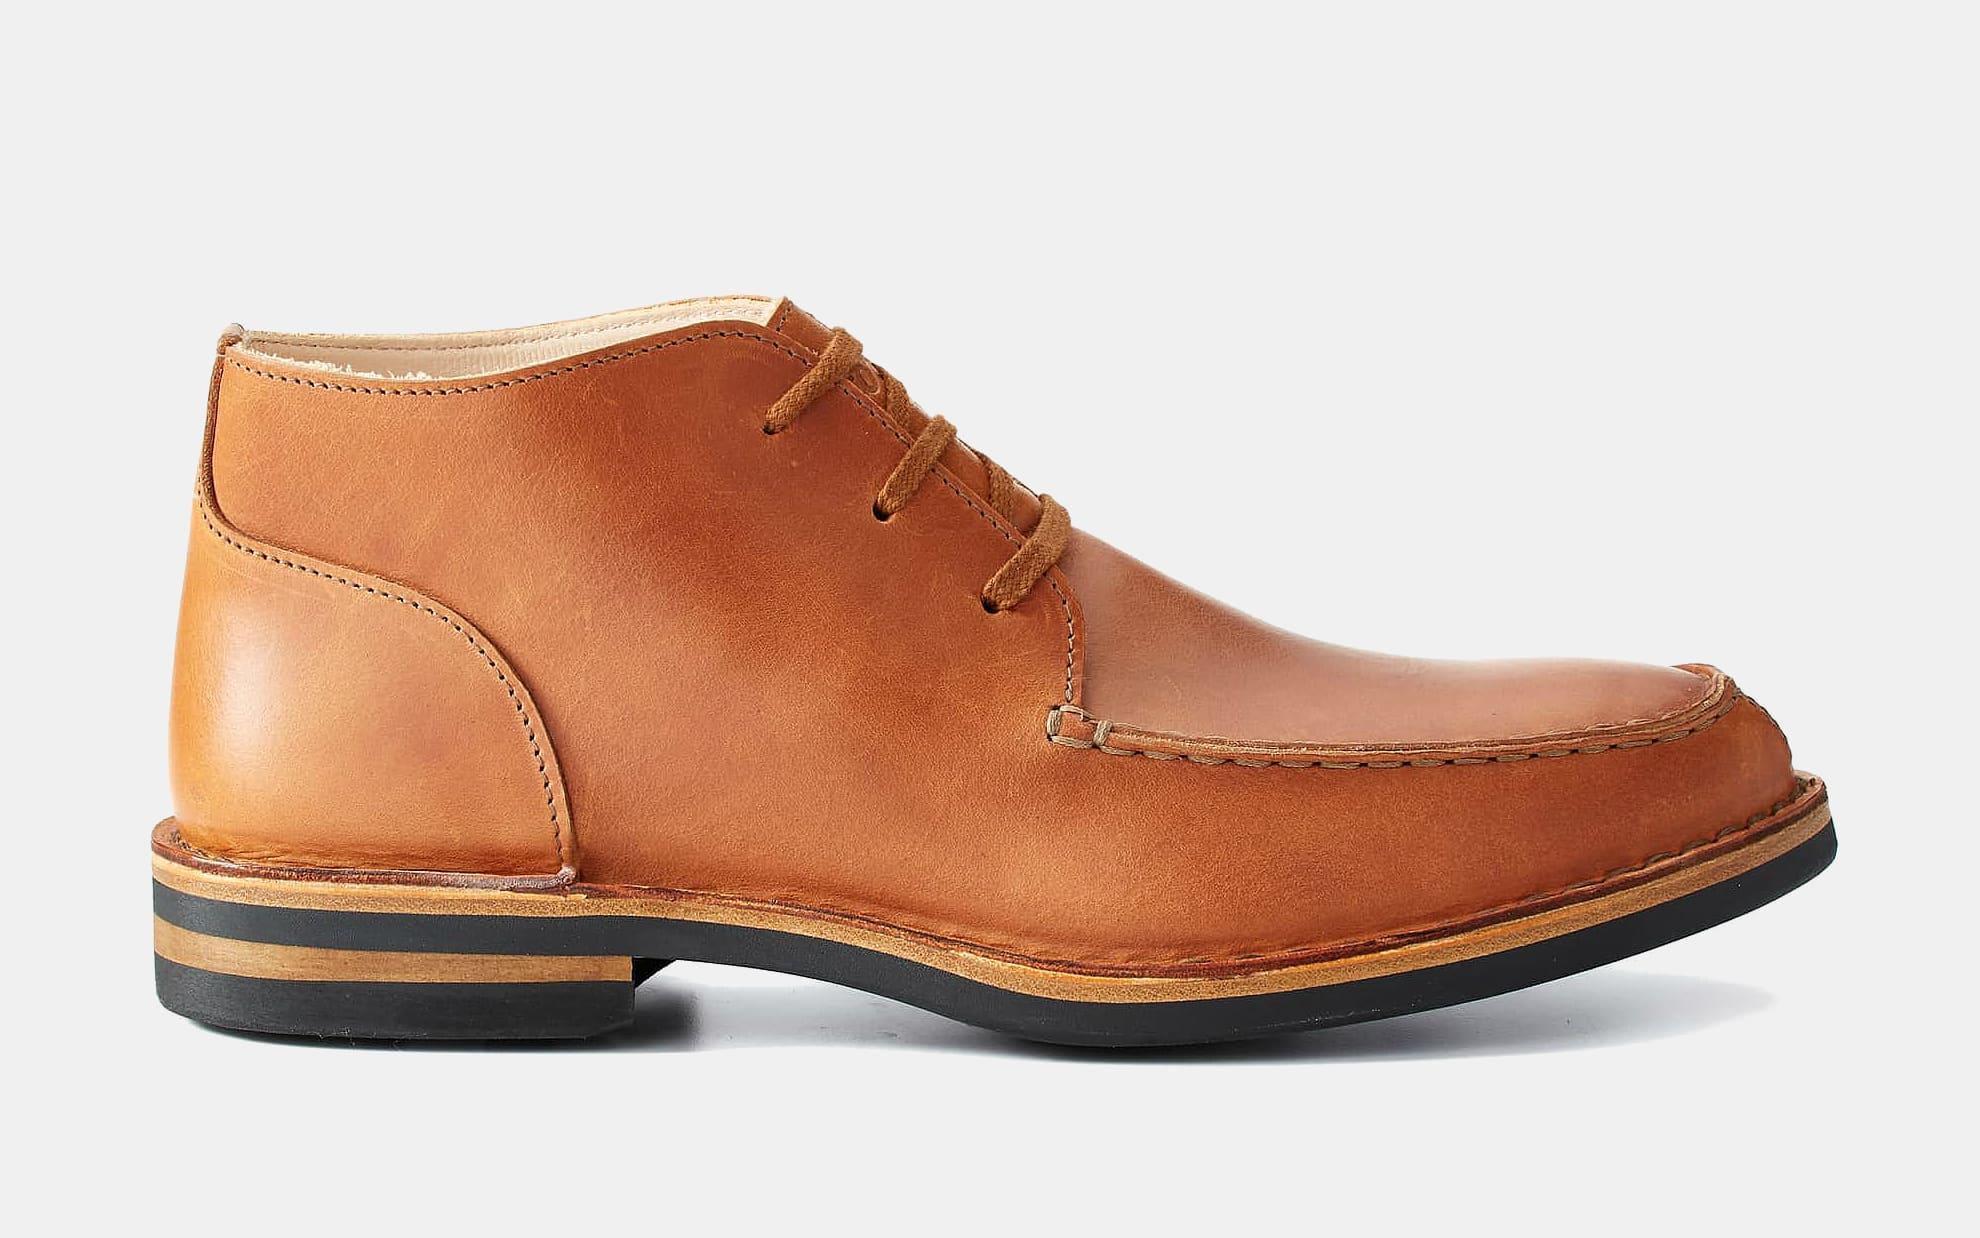 Astorflex Contflex Boots